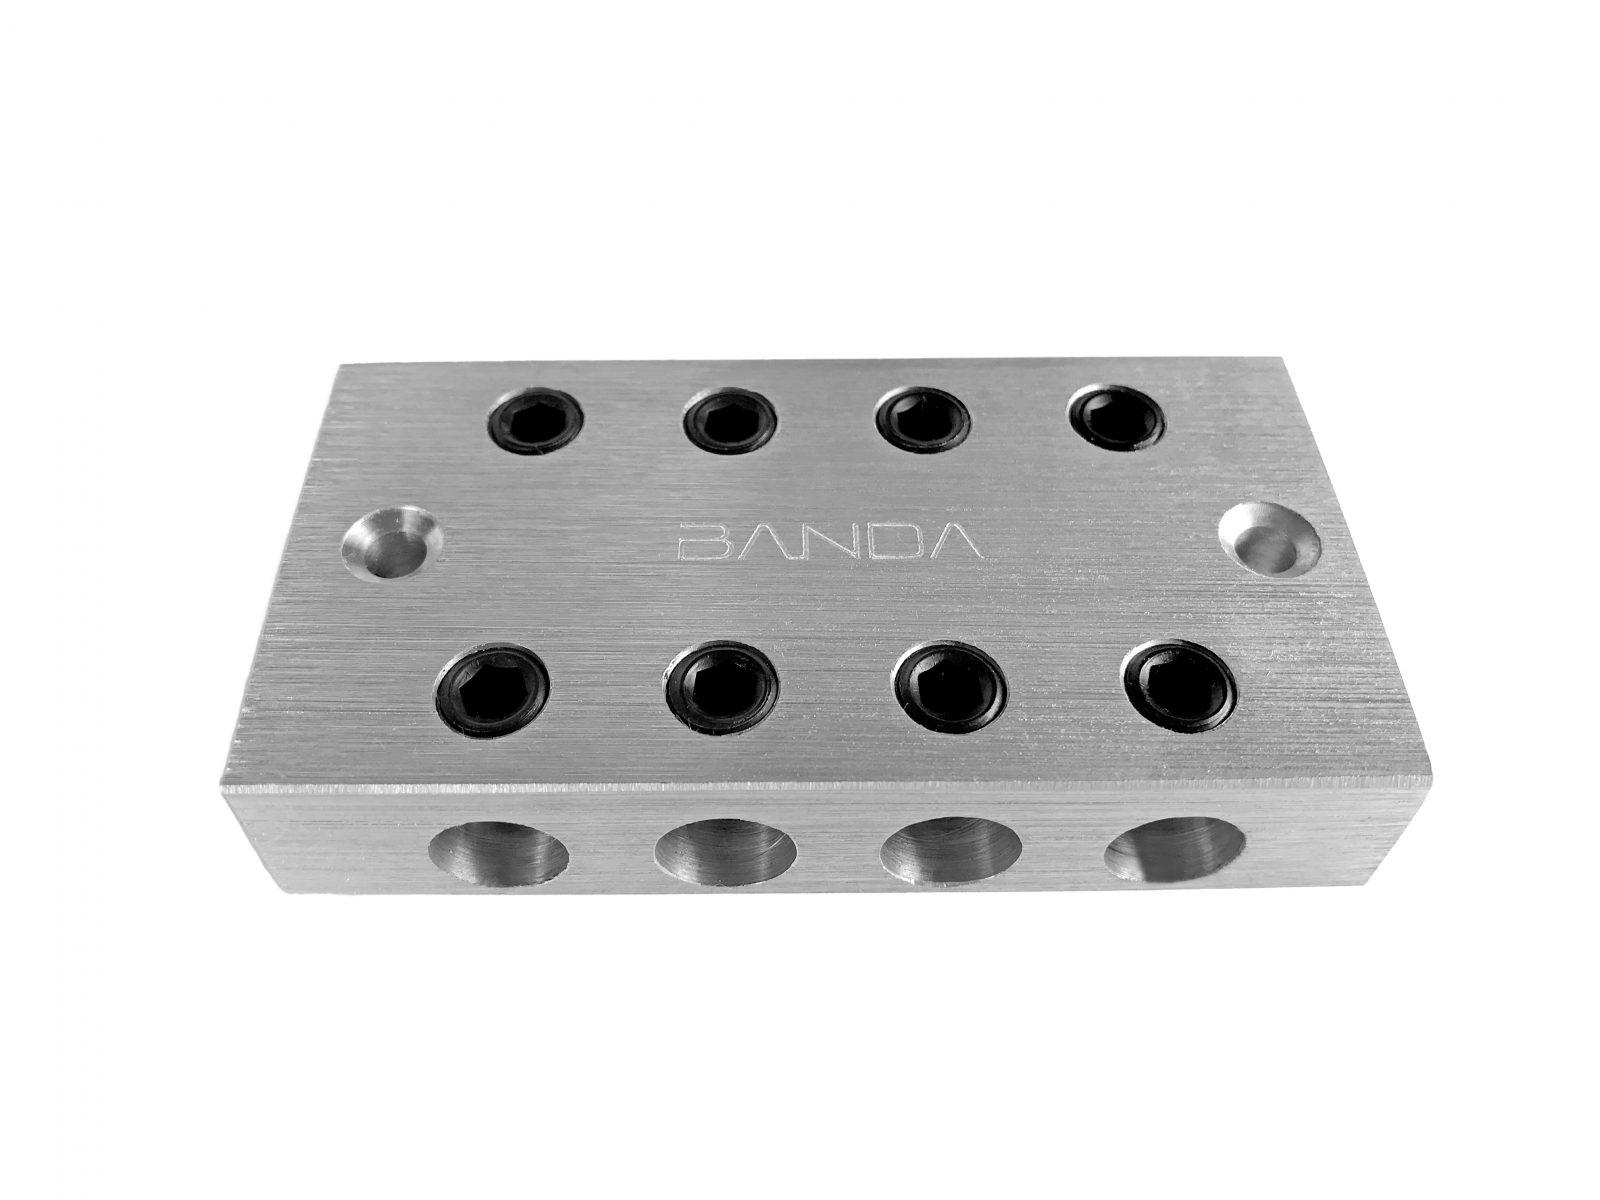 Barramento-4x4-NOVO-1600x1200